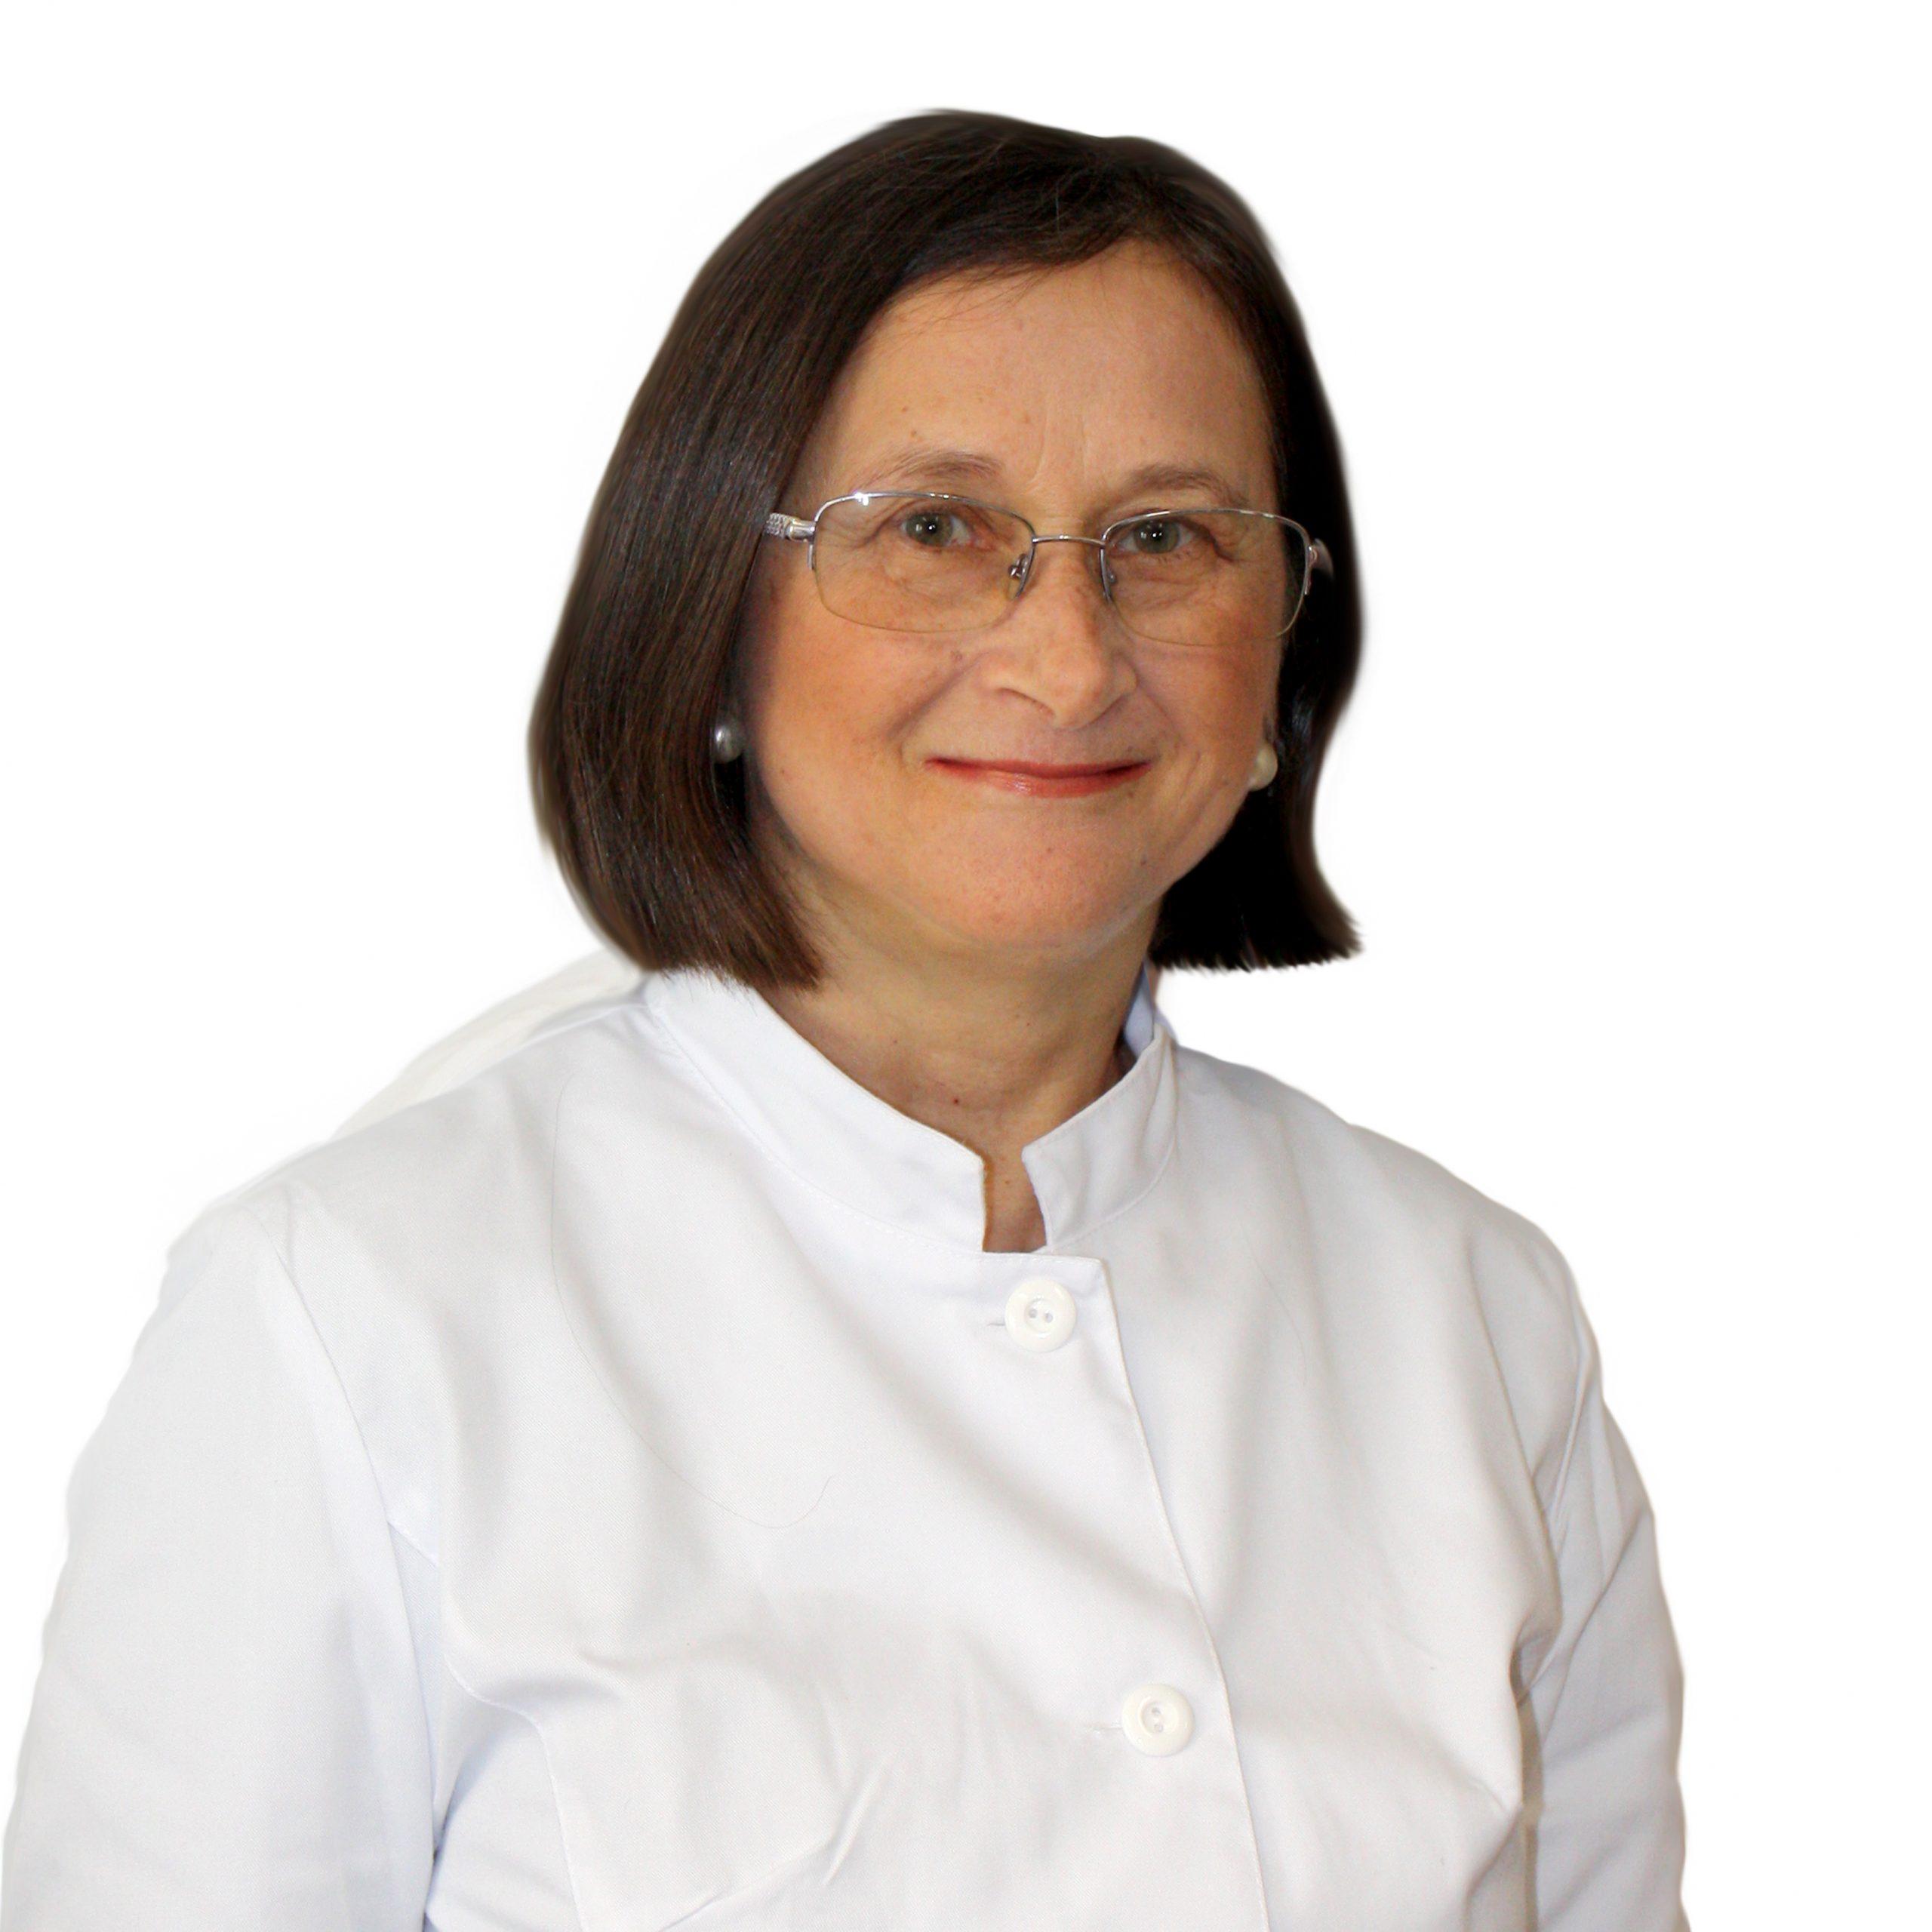 clinicadentalMorenoCabello-Cordoba-Andalucia-Dr Pedro ángel Moreno Cabello